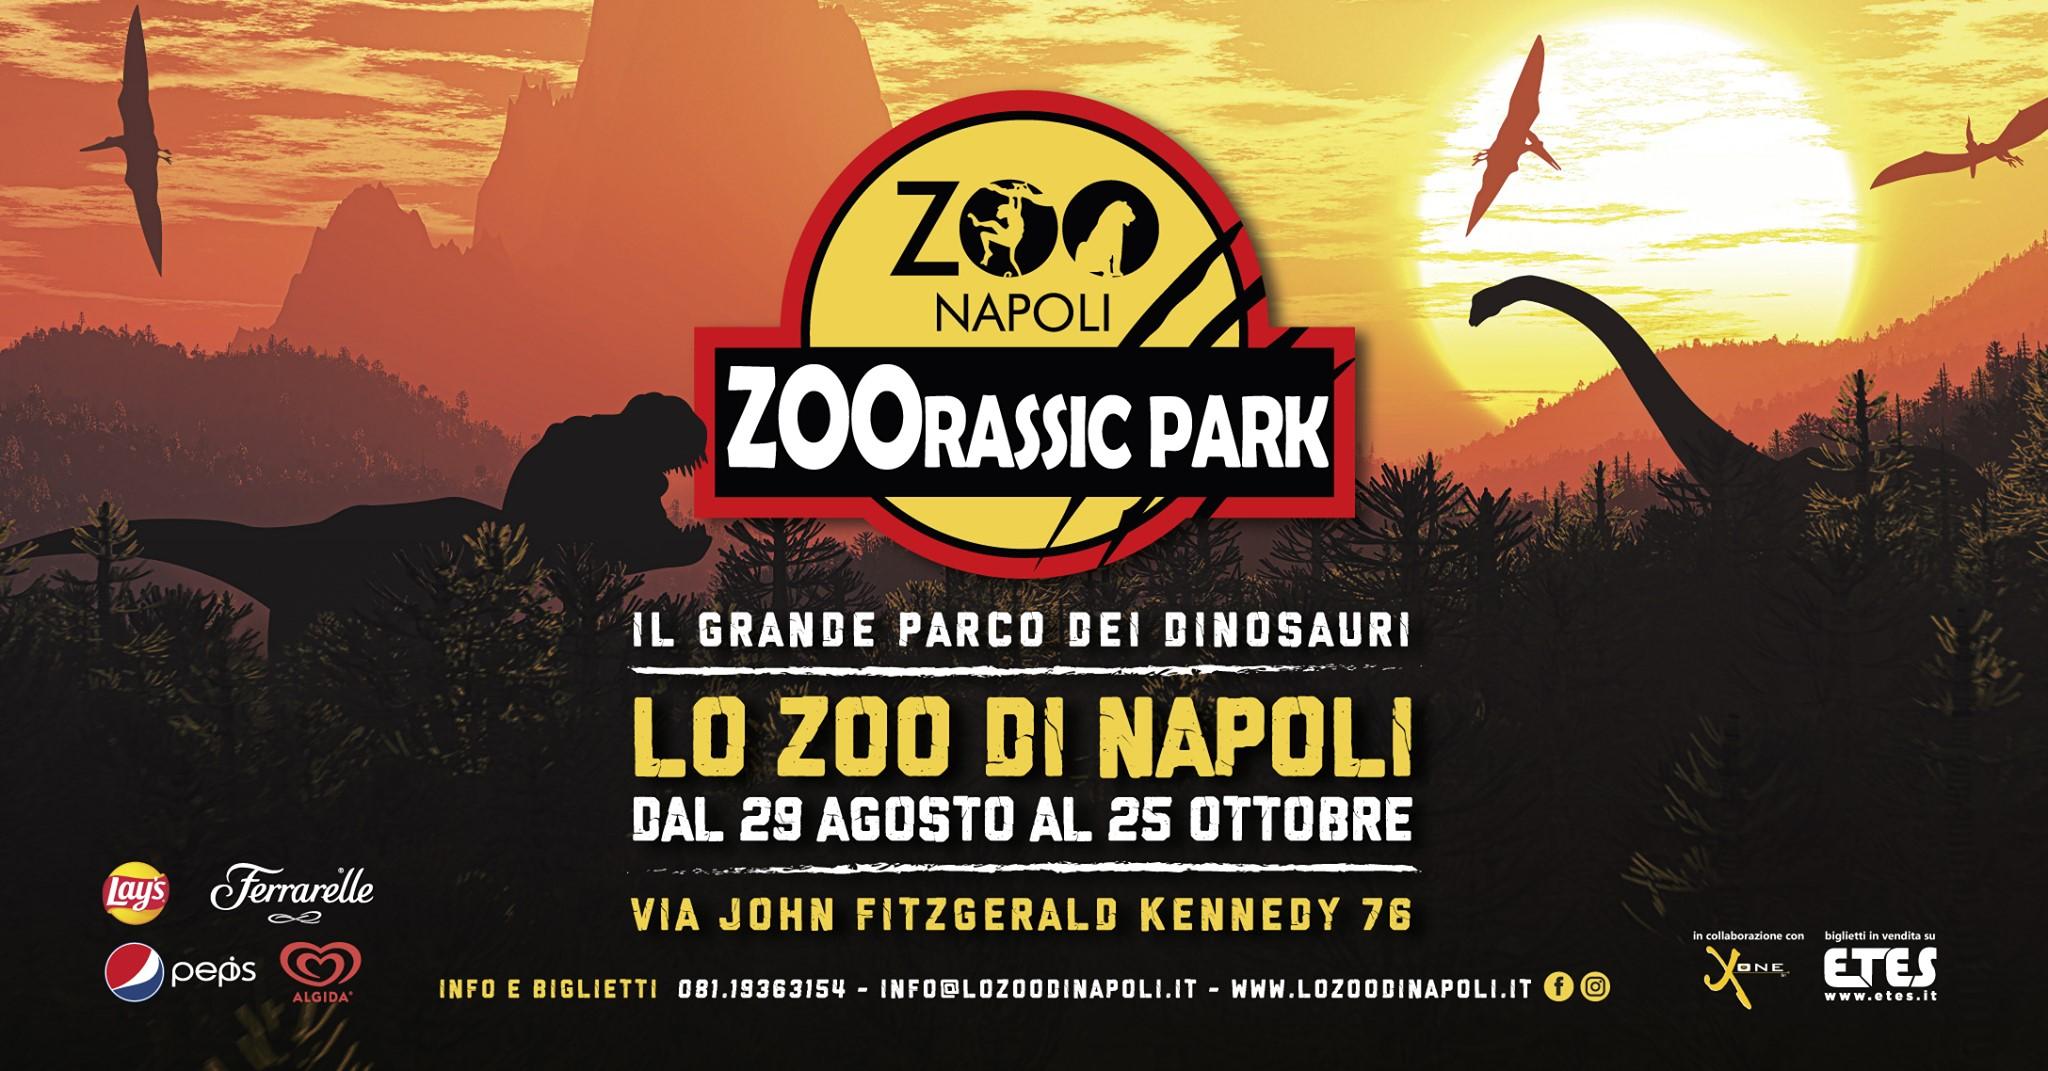 zoorassic